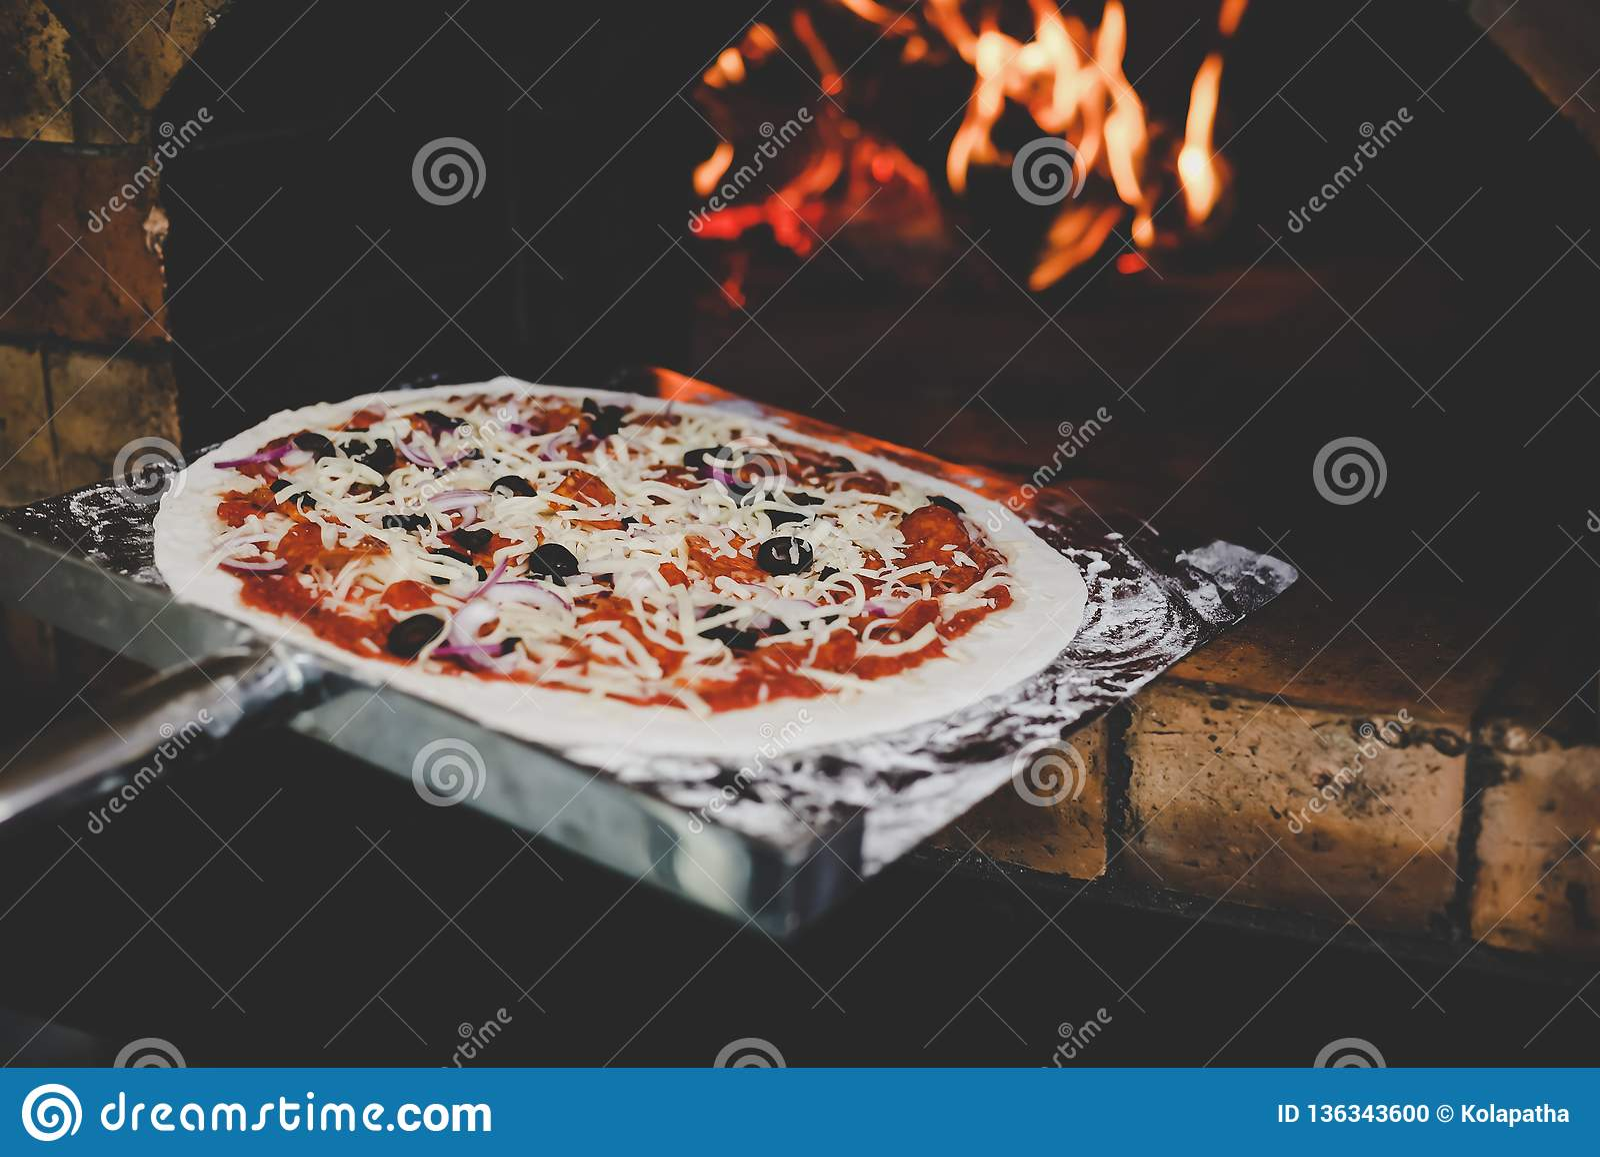 厨师用途不锈的小铲,投入了可口未加工的比萨对被烘烤的比萨的火炉 It's著名意大利料理 他烹调比萨为